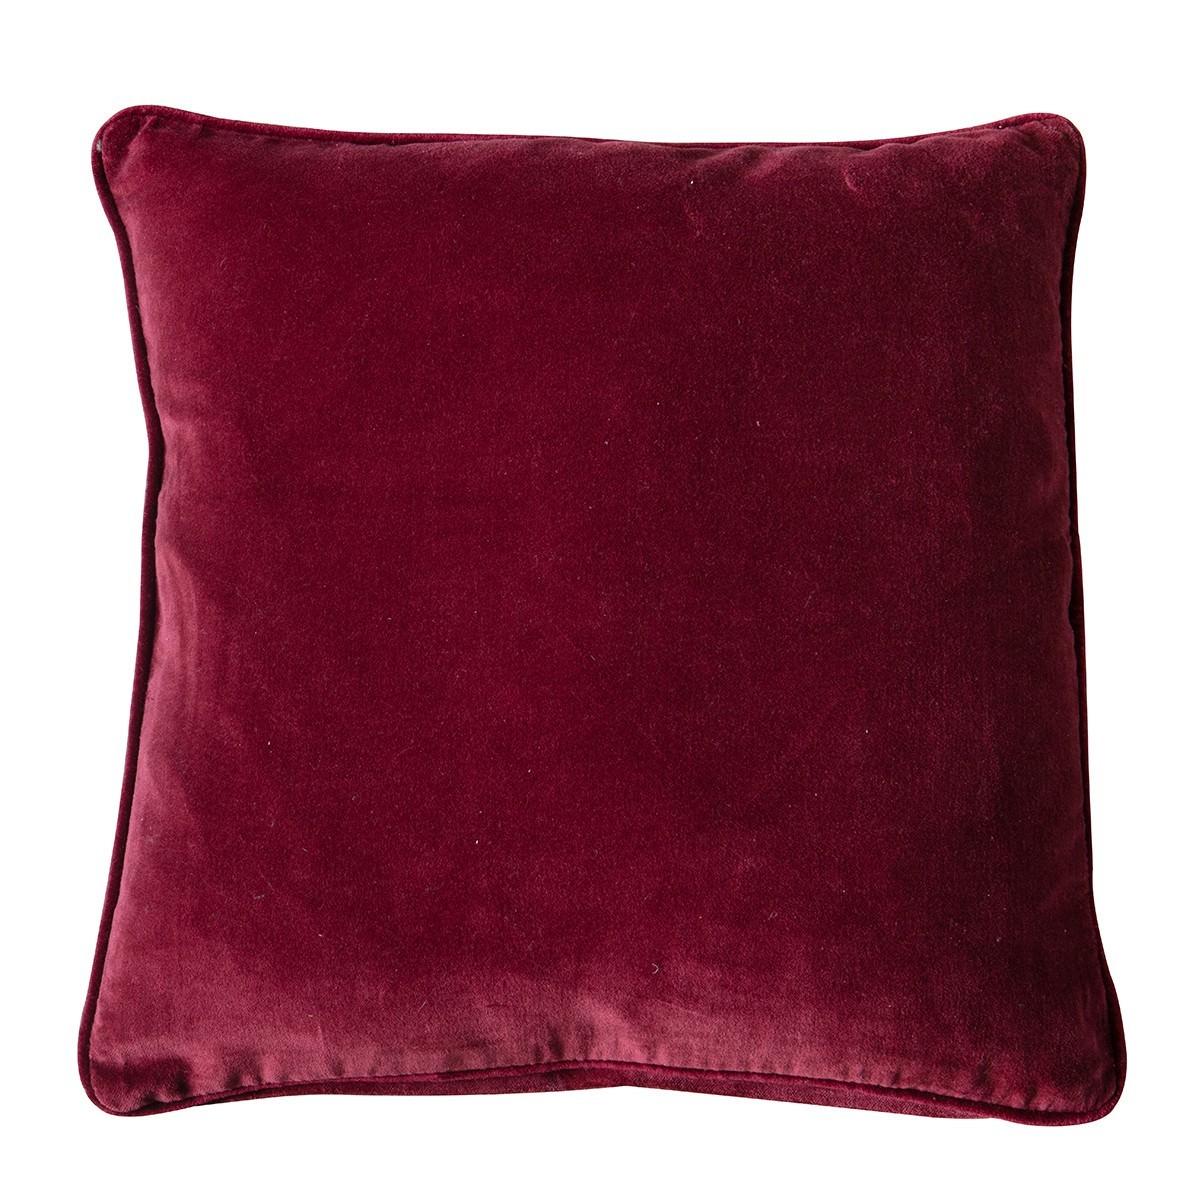 Eliza Feather Filled Velvet Scatter Cushion, Claret